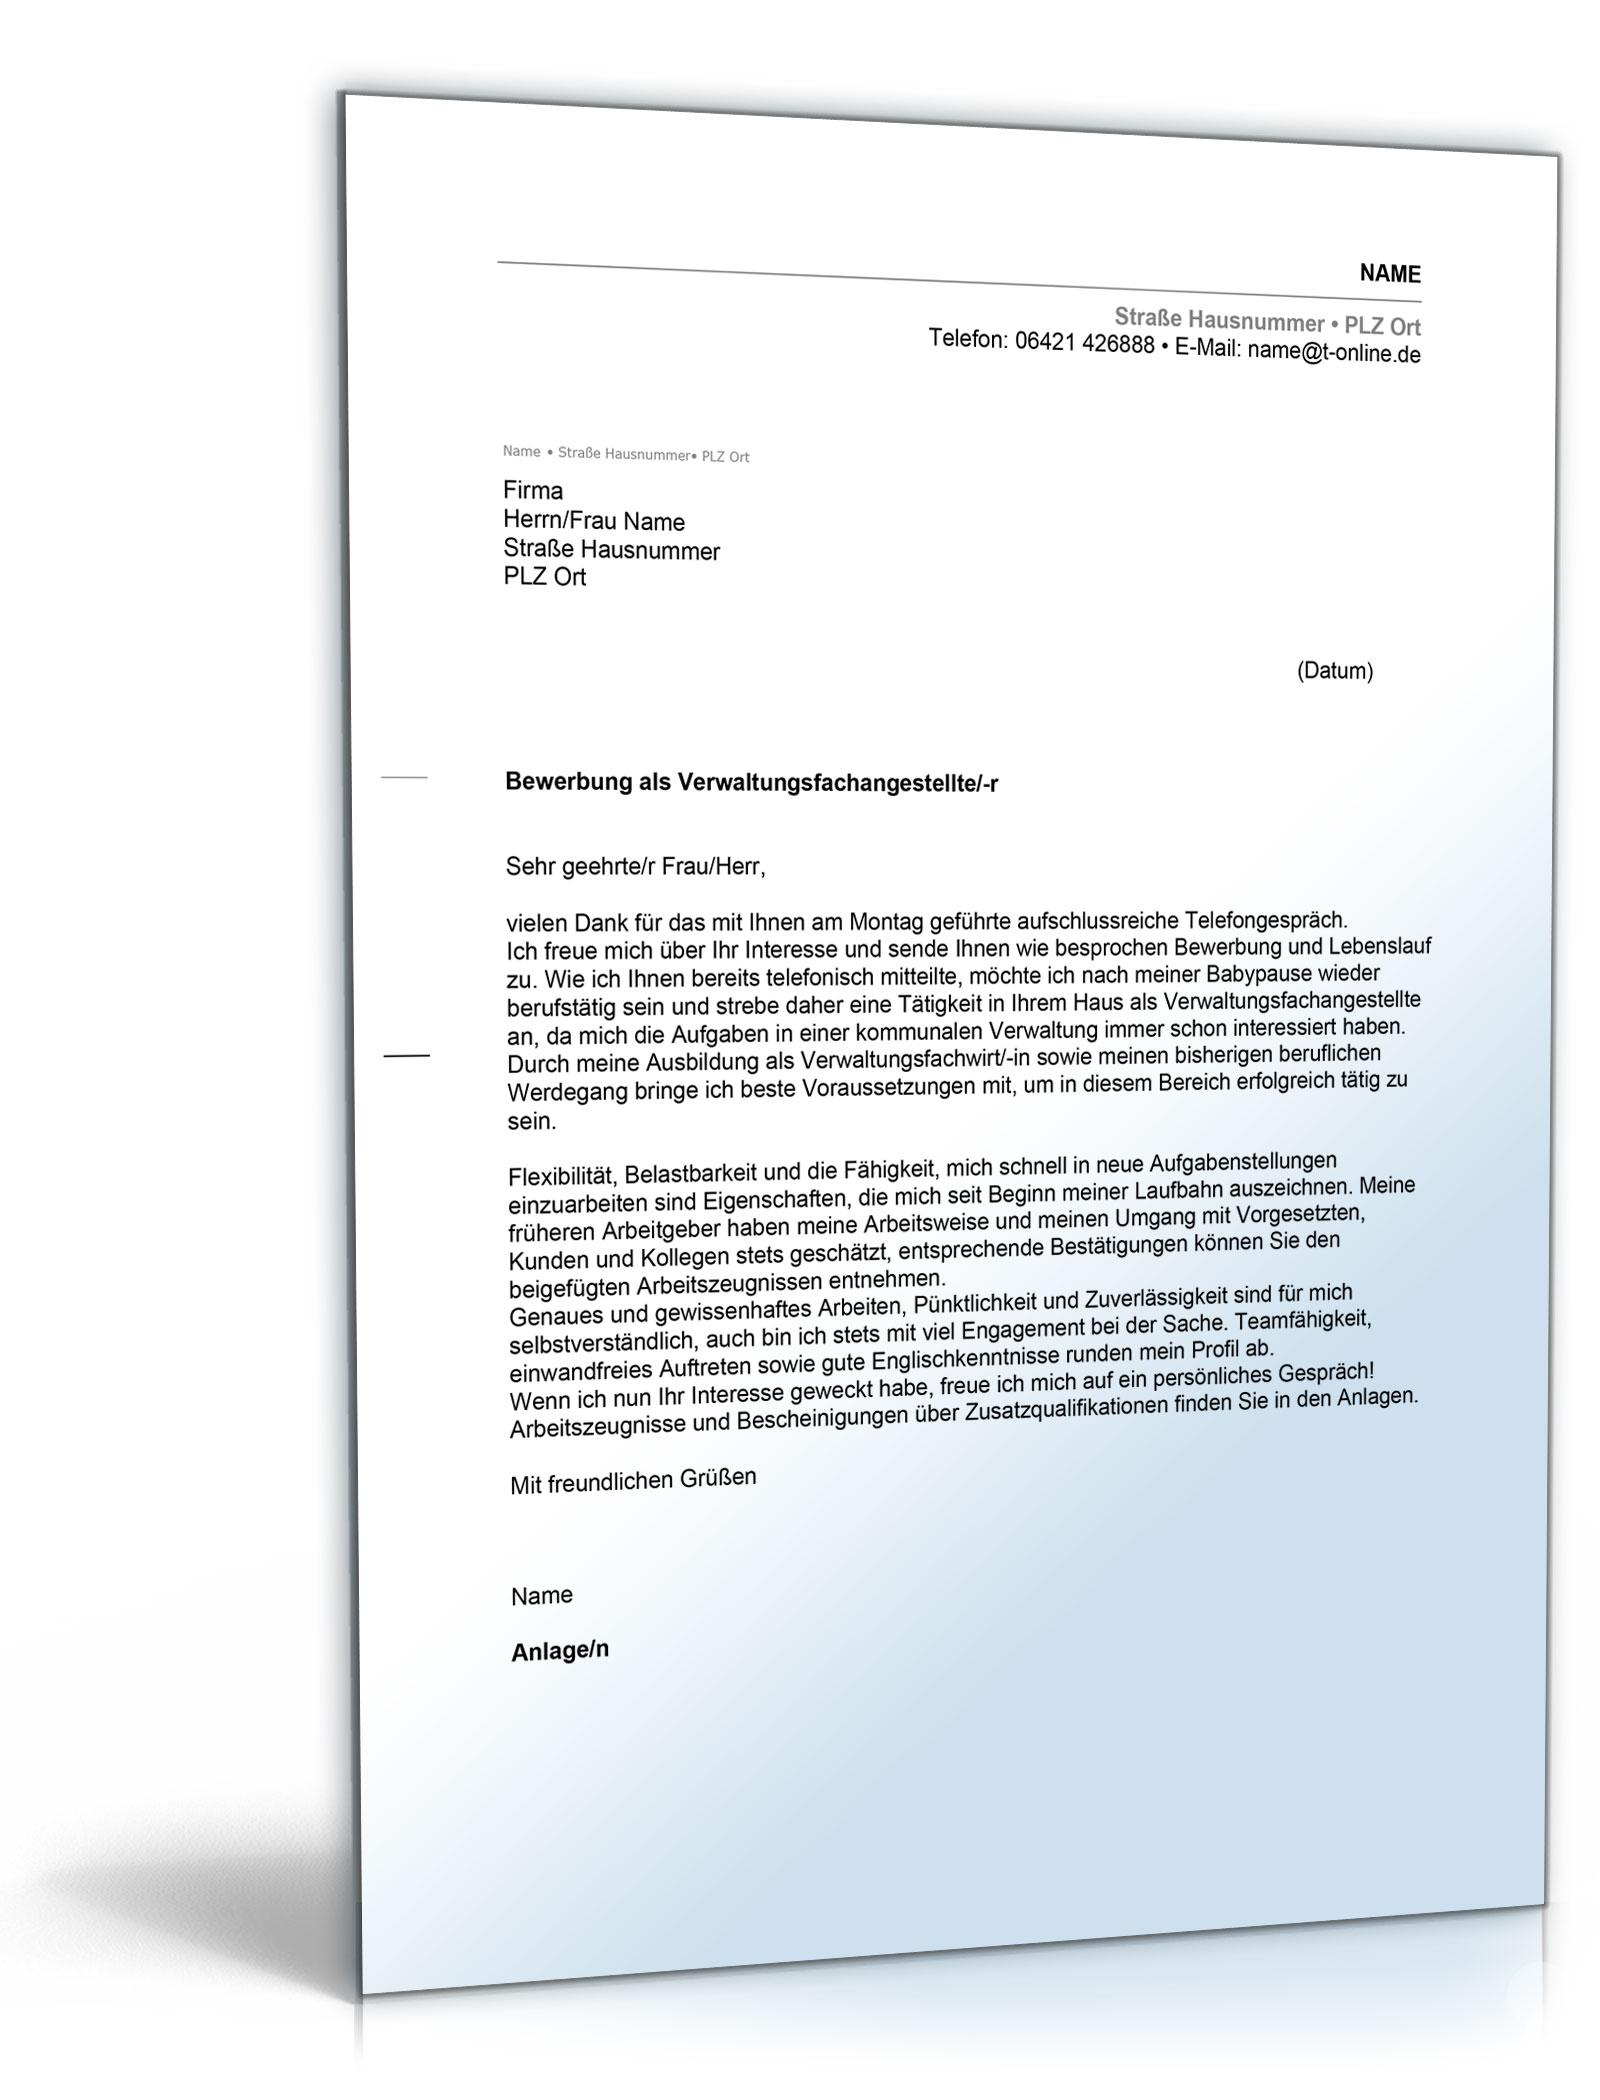 Anschreiben Bewerbung Verwaltungsfachangestellte [Word Dokument